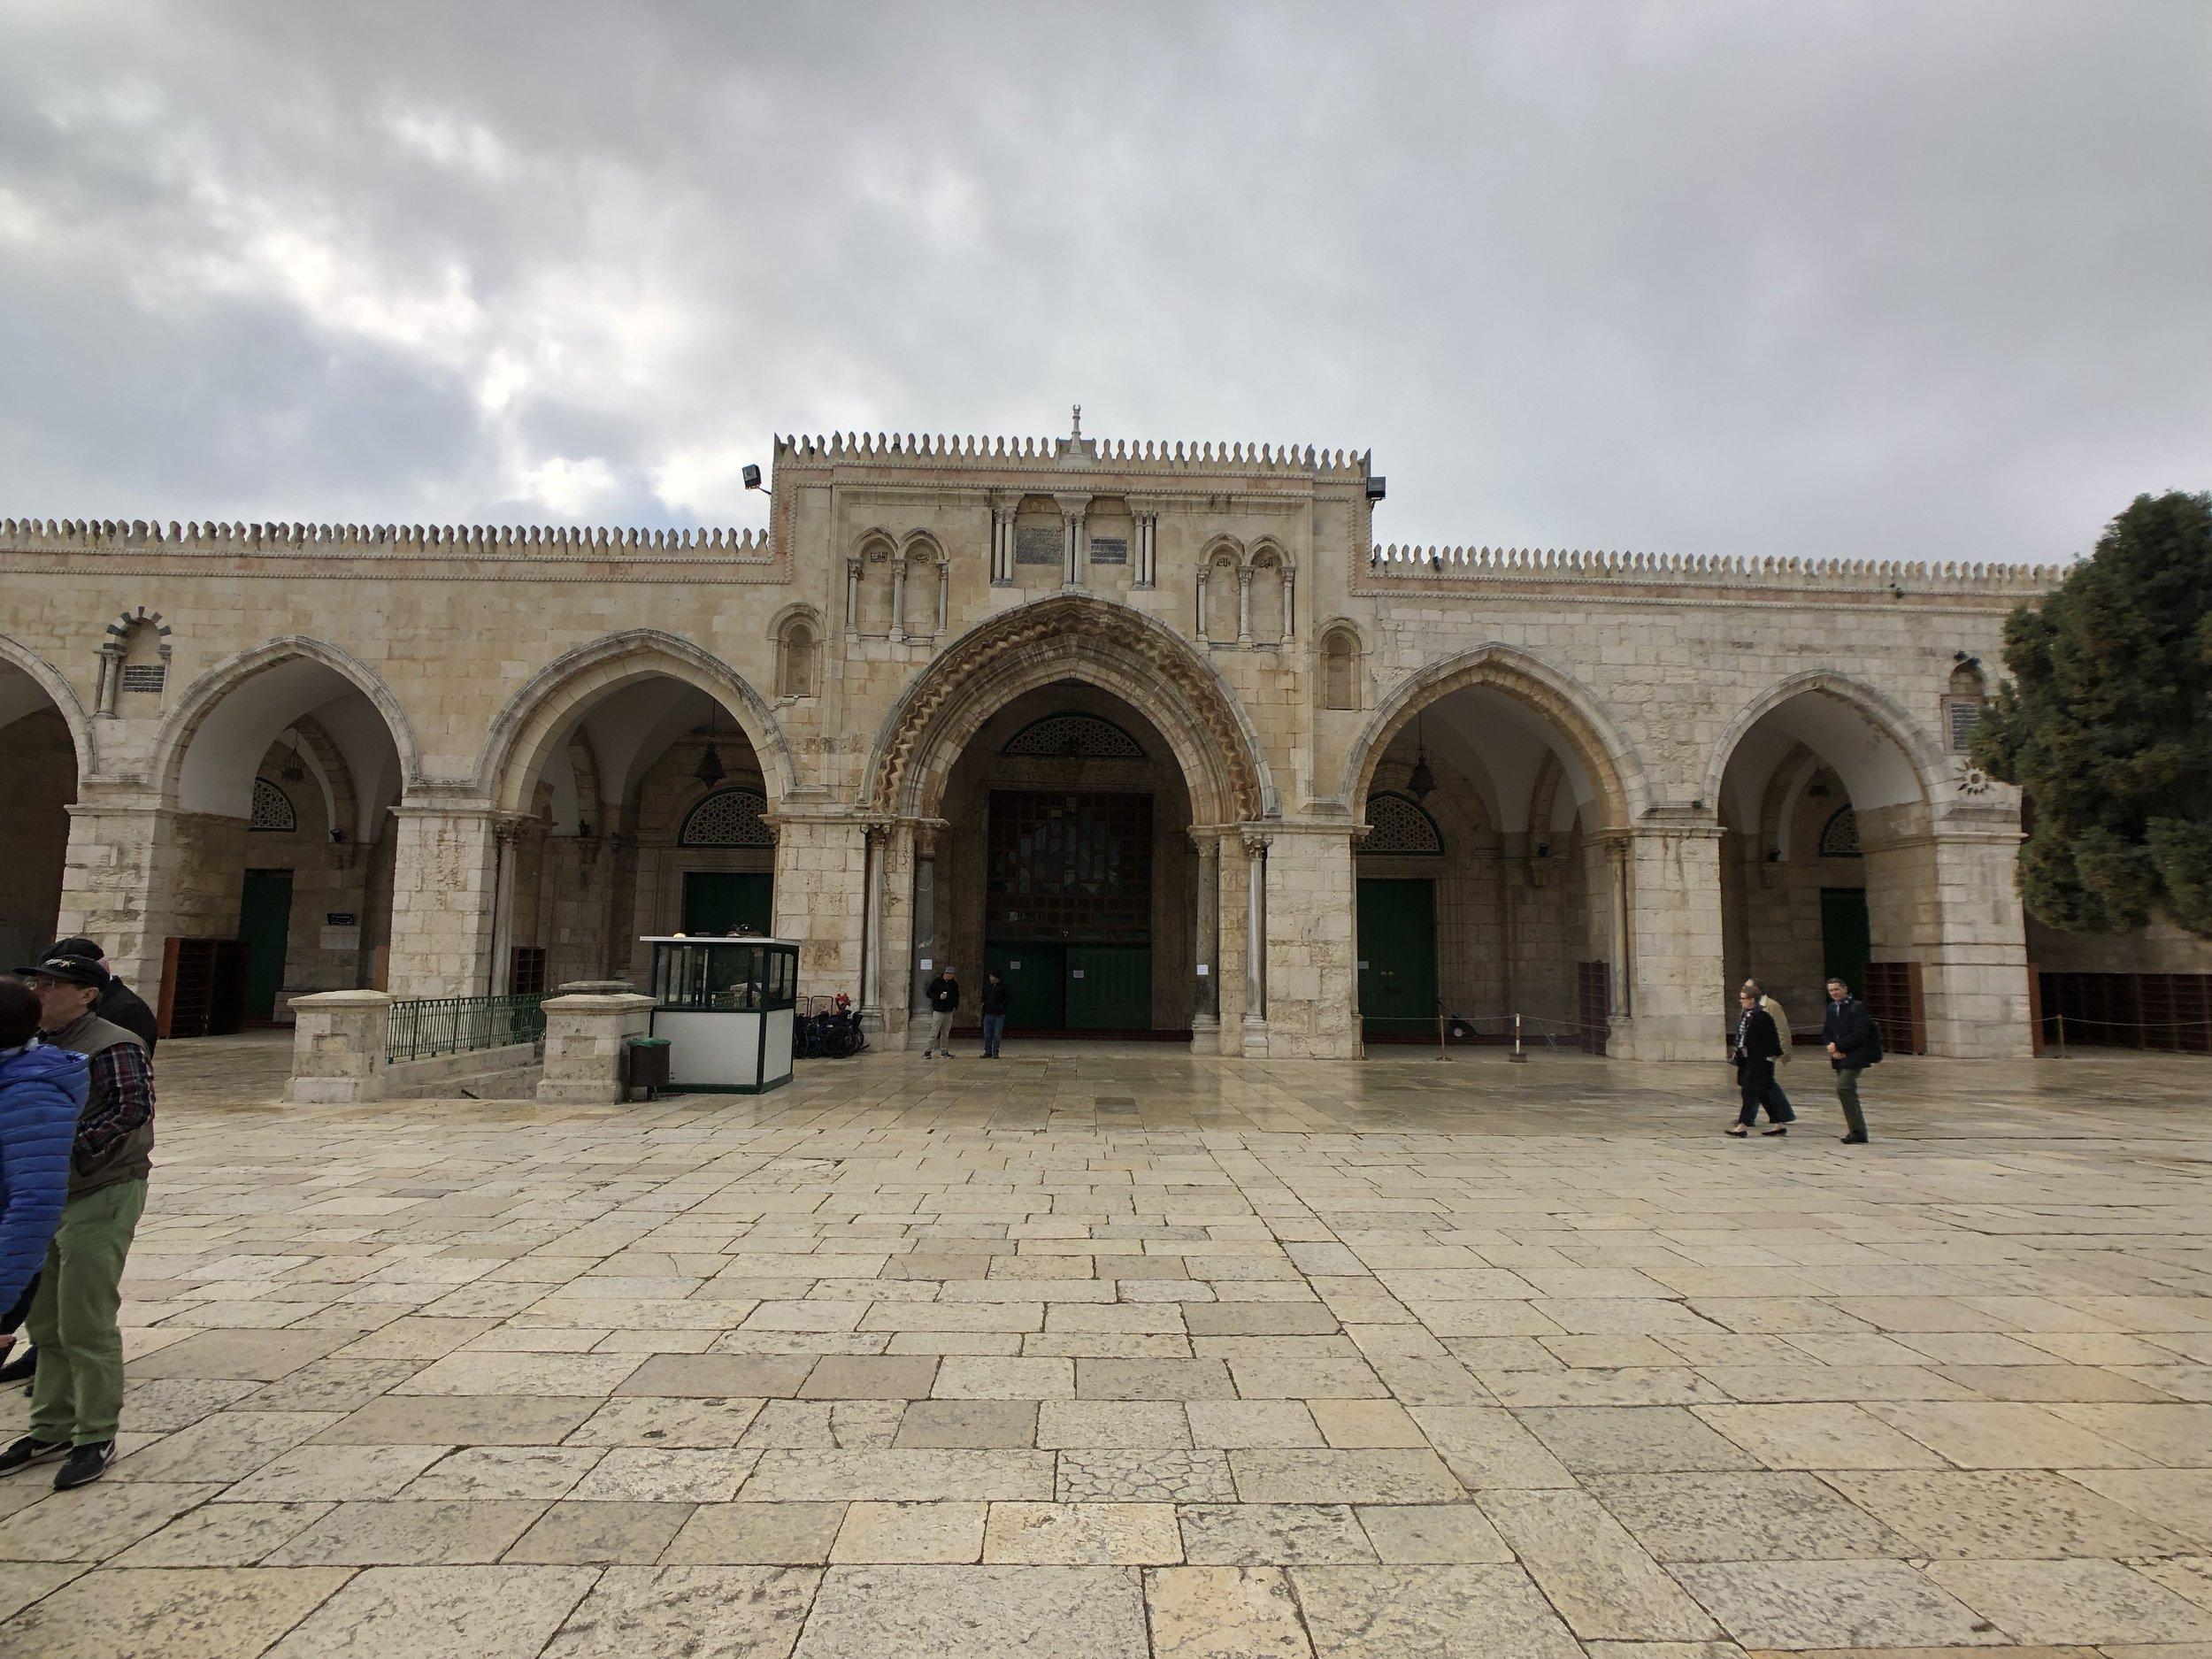 Al-aqsa Mosque, Temple Mount, Jerusalem